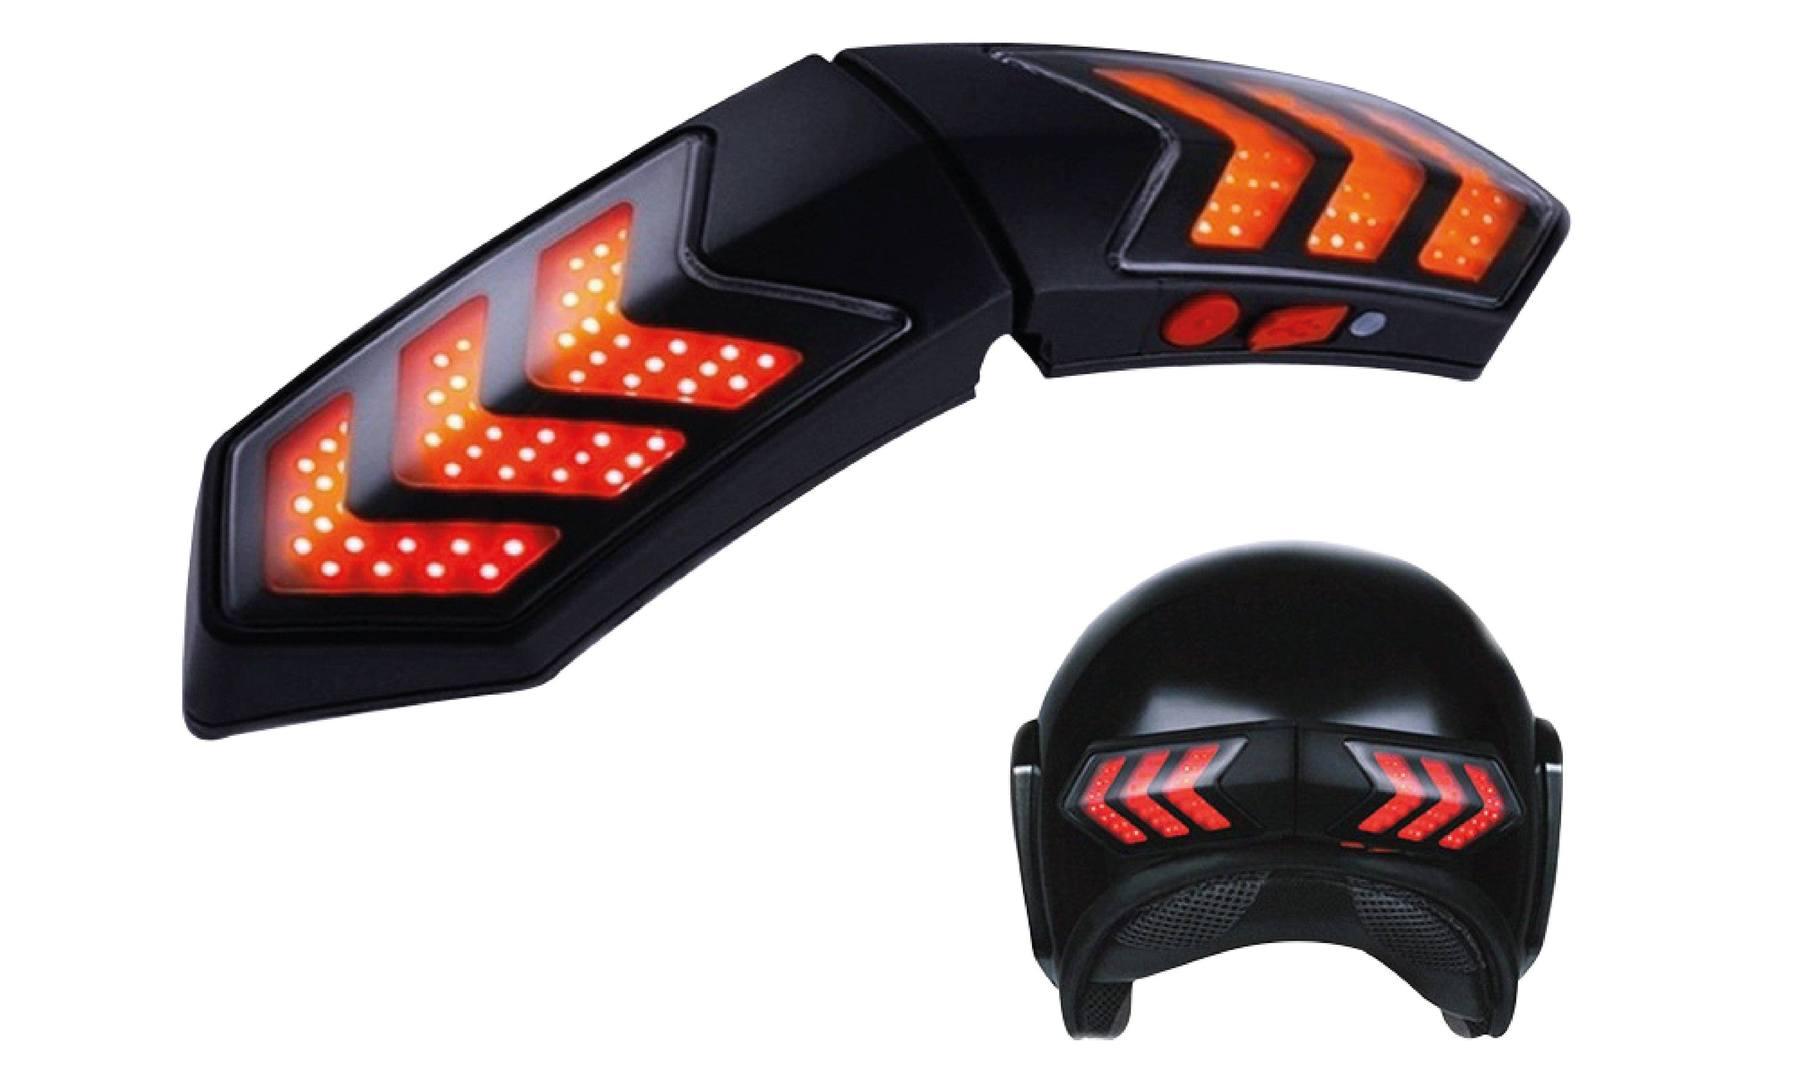 Luz Bicicleta Usb Señalizadora Inteligente Casco Moto